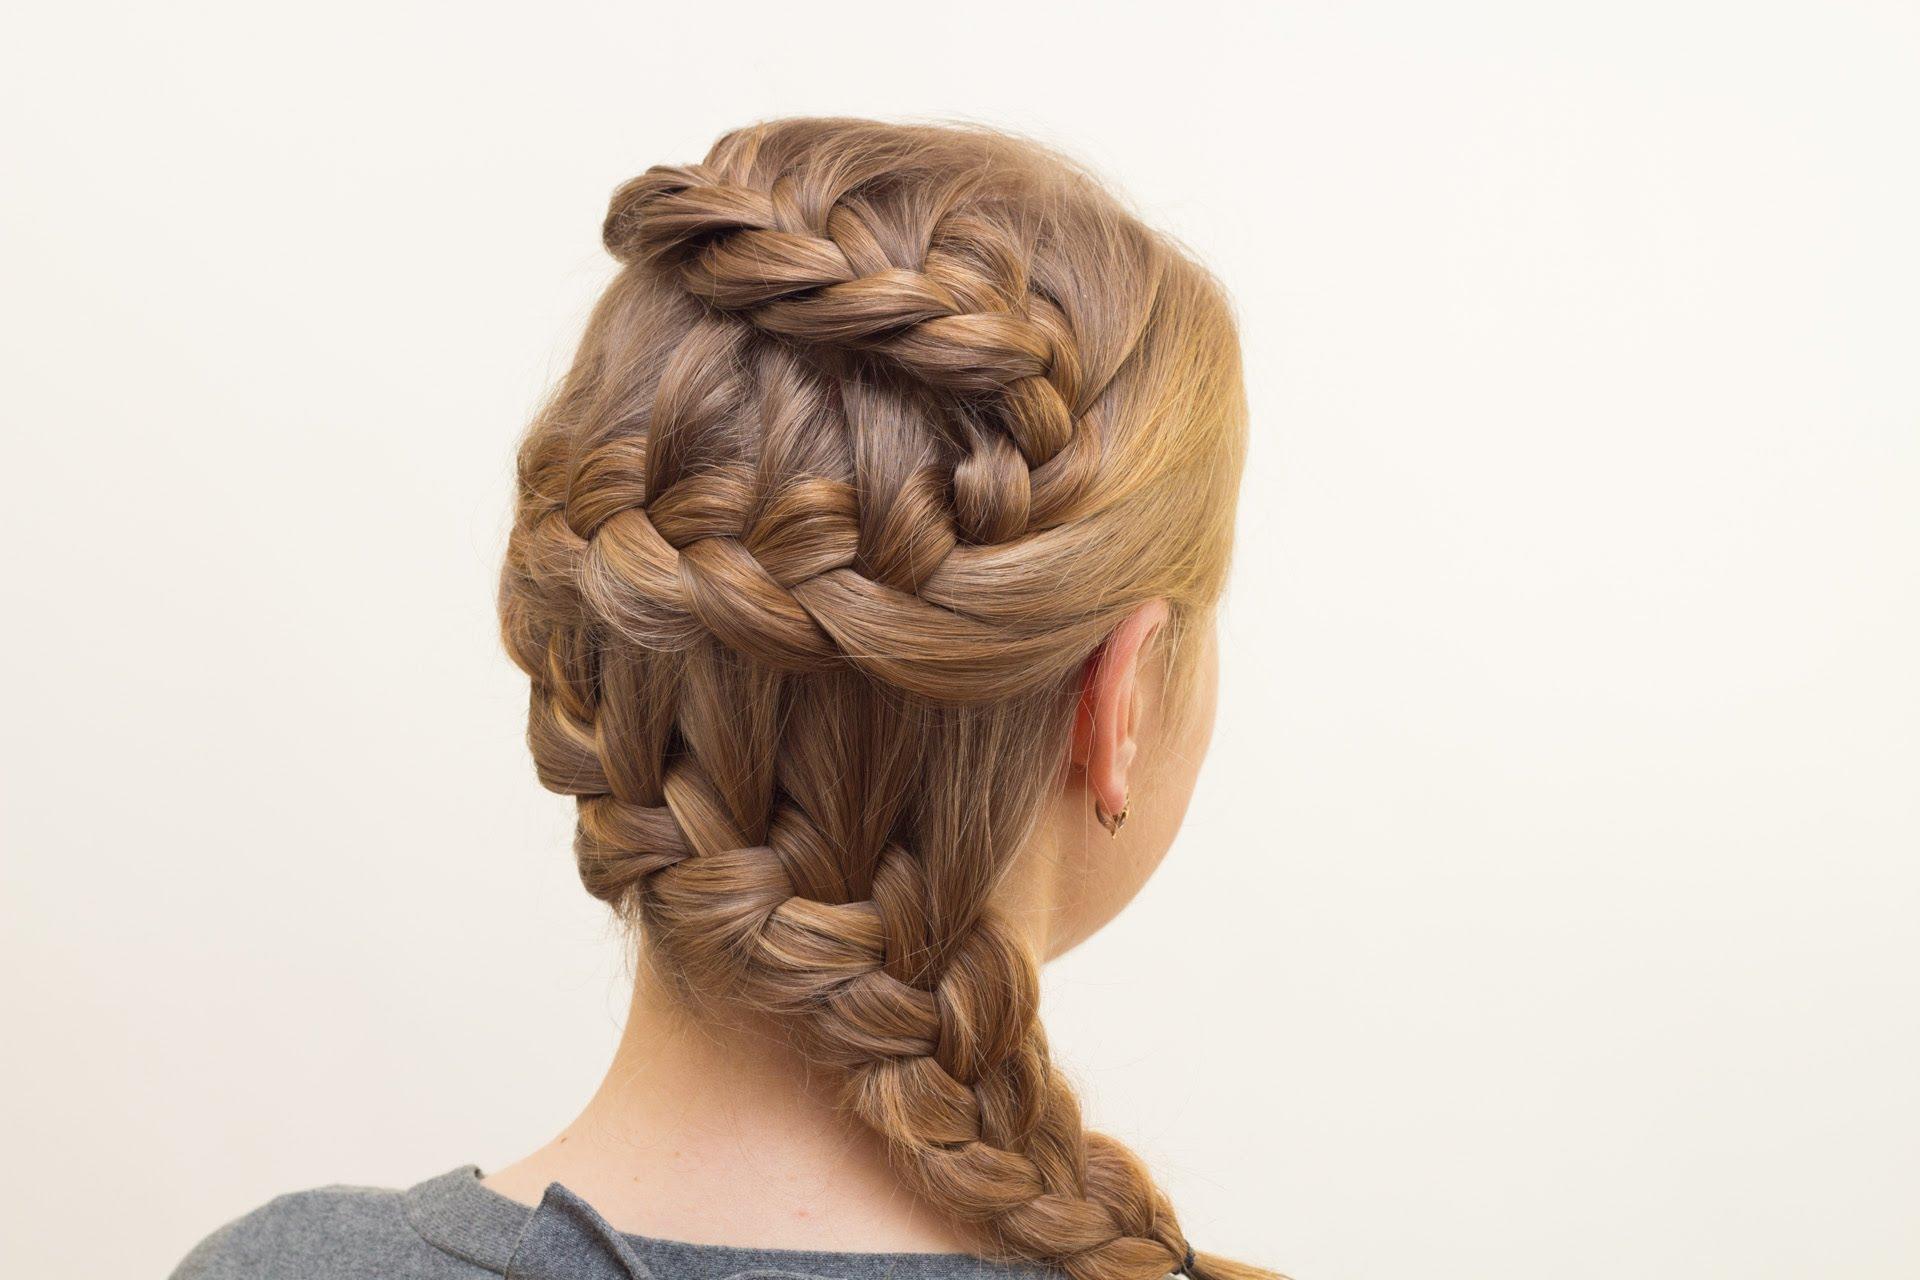 Кончик изогнутой косы можно всегда убрать в пучок или скрутить в «розочку», чтобы он не мешался в течение дня